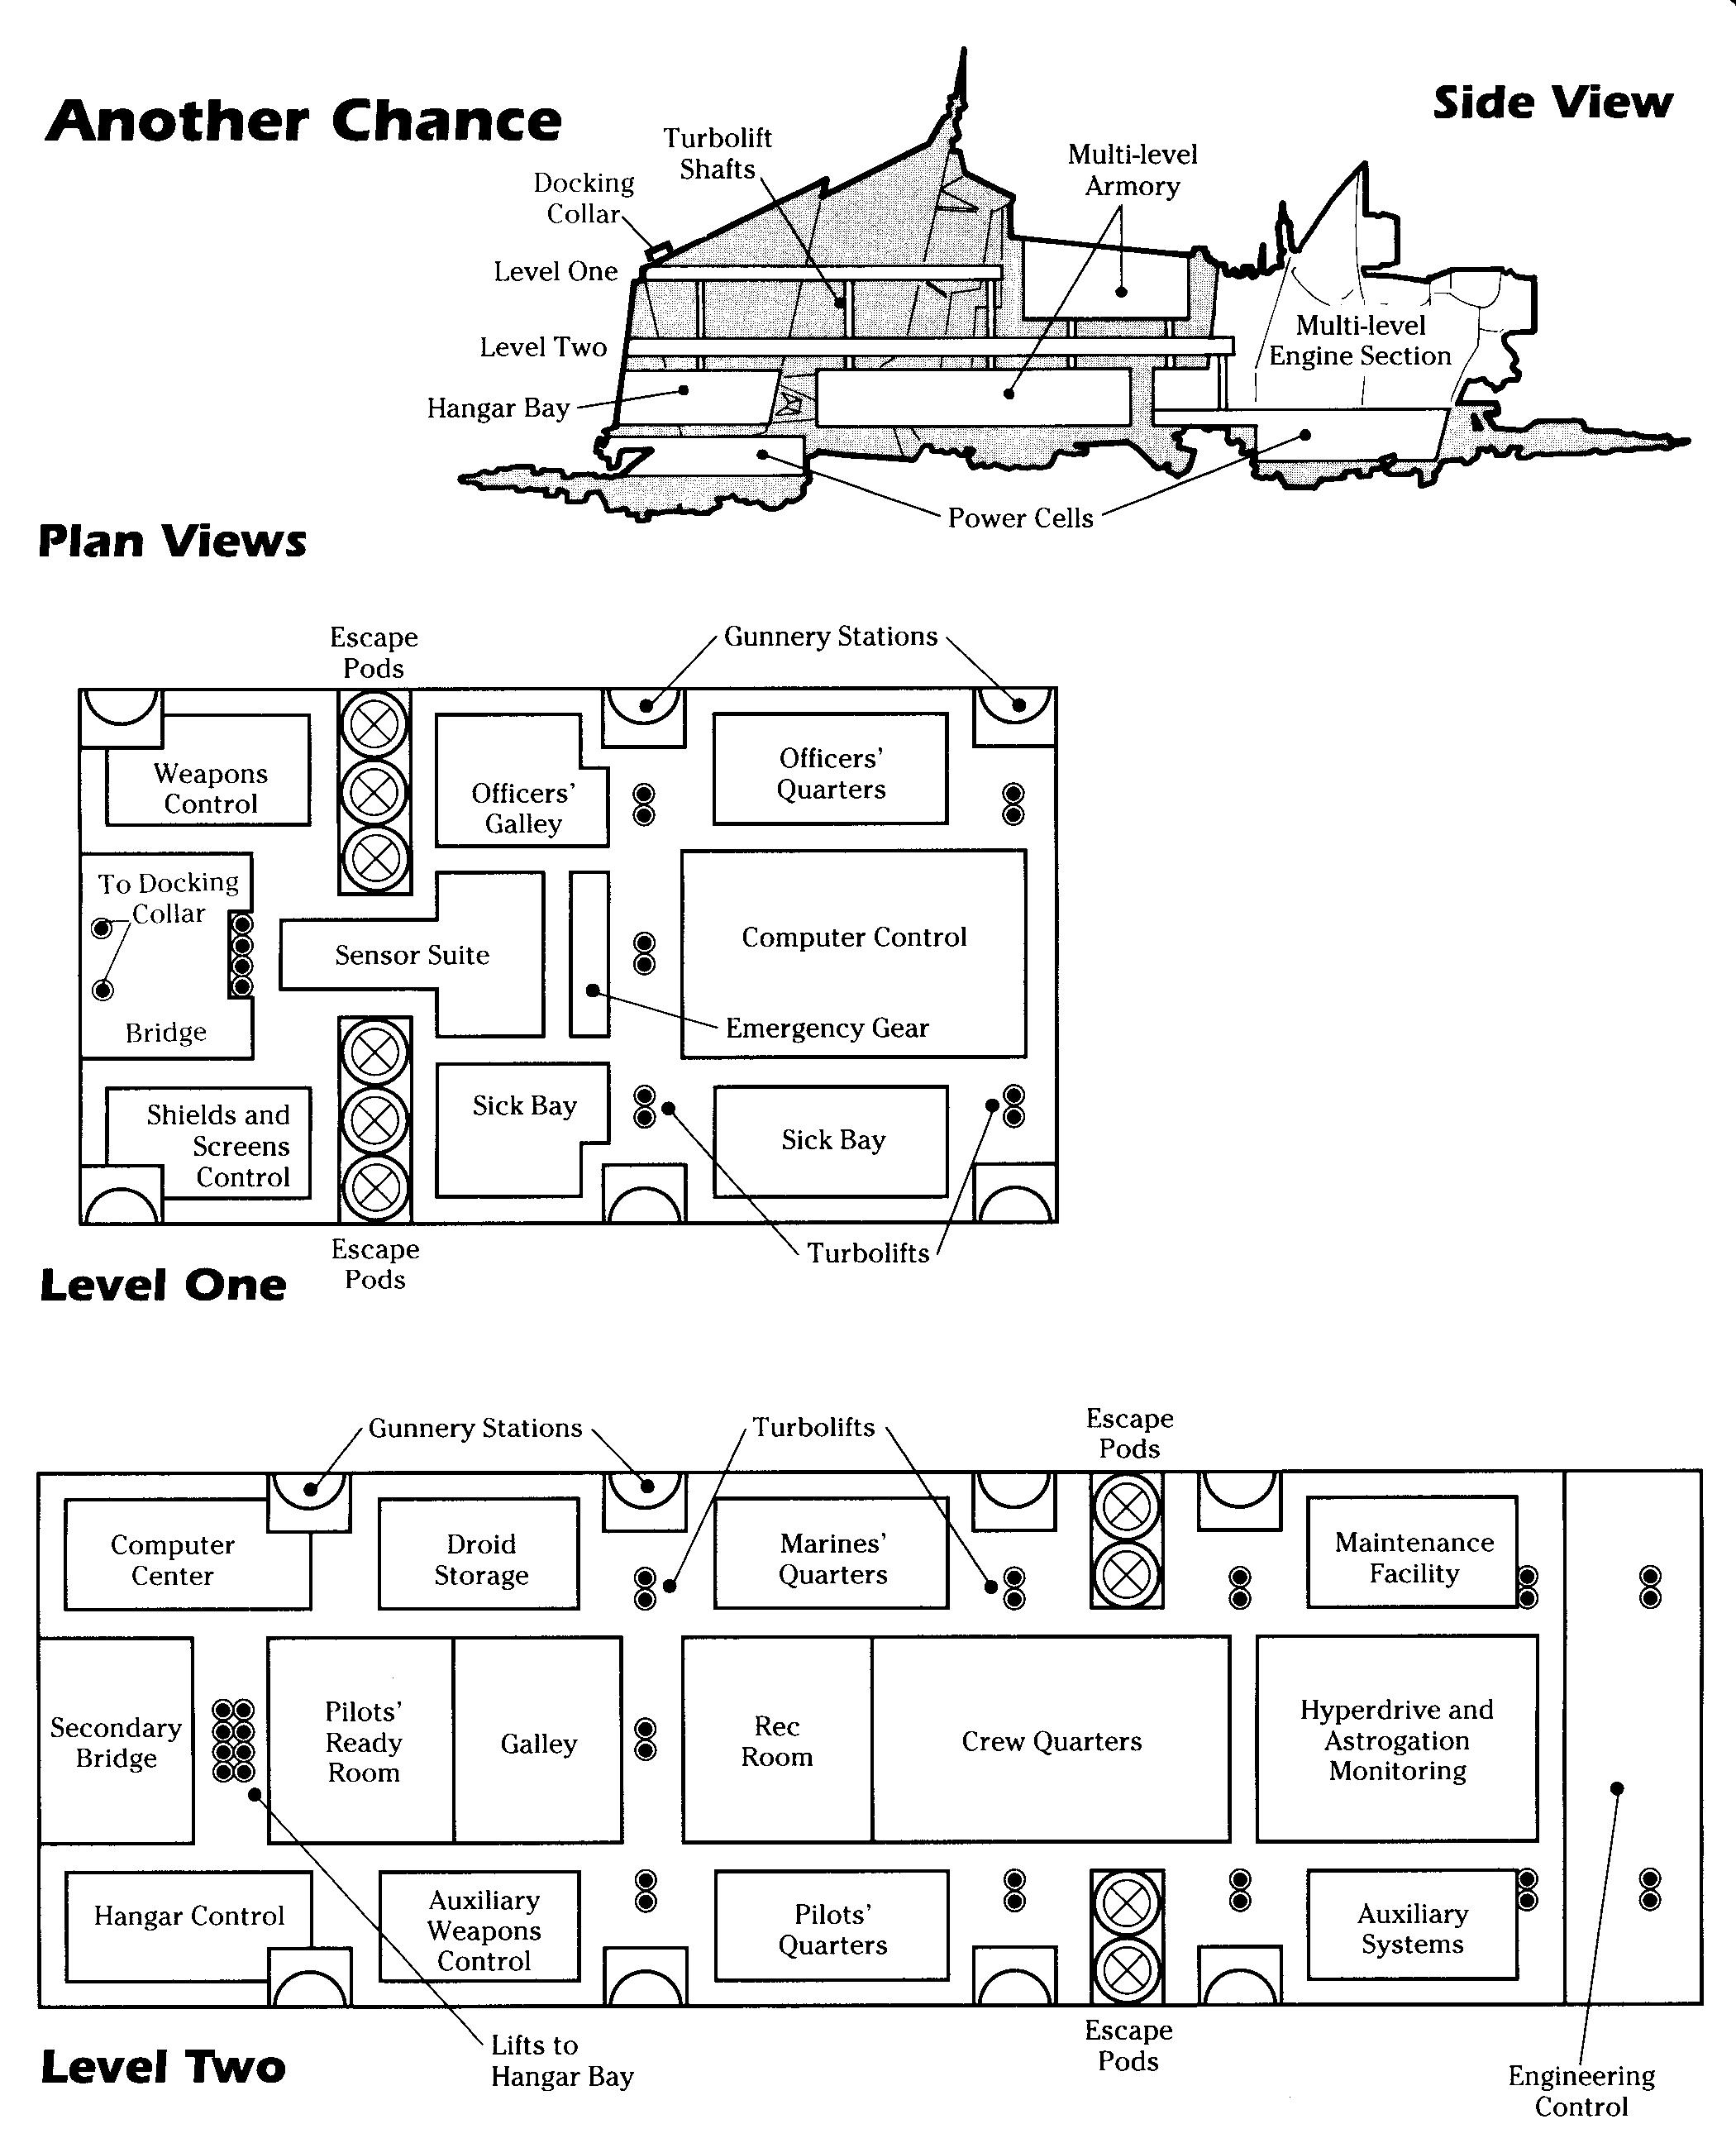 AnotherChanceDeckplan.jpg